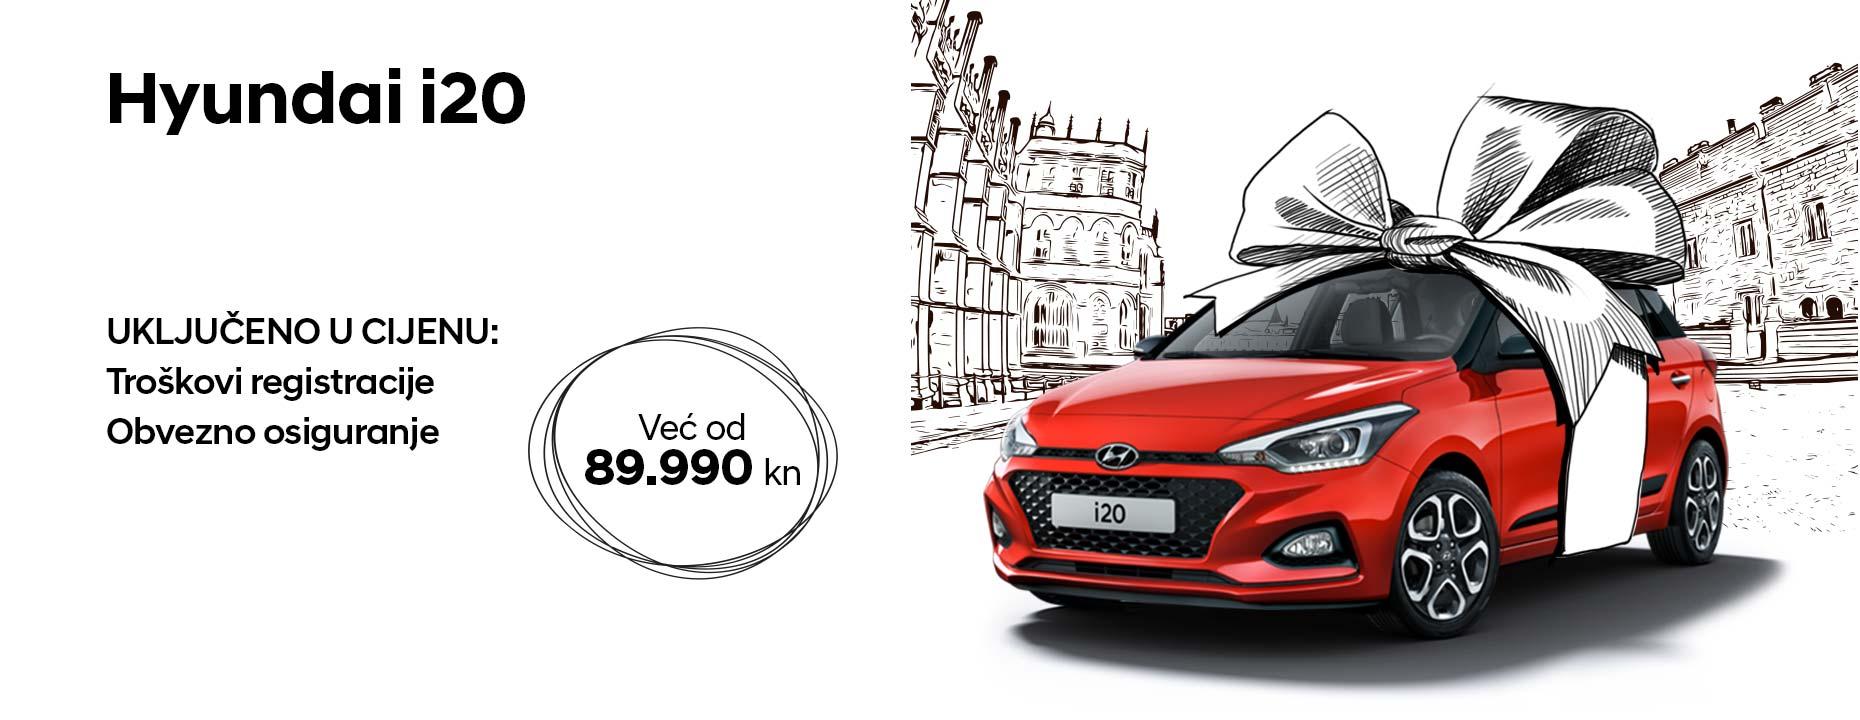 Hyundai i20 već od 89.990 kn